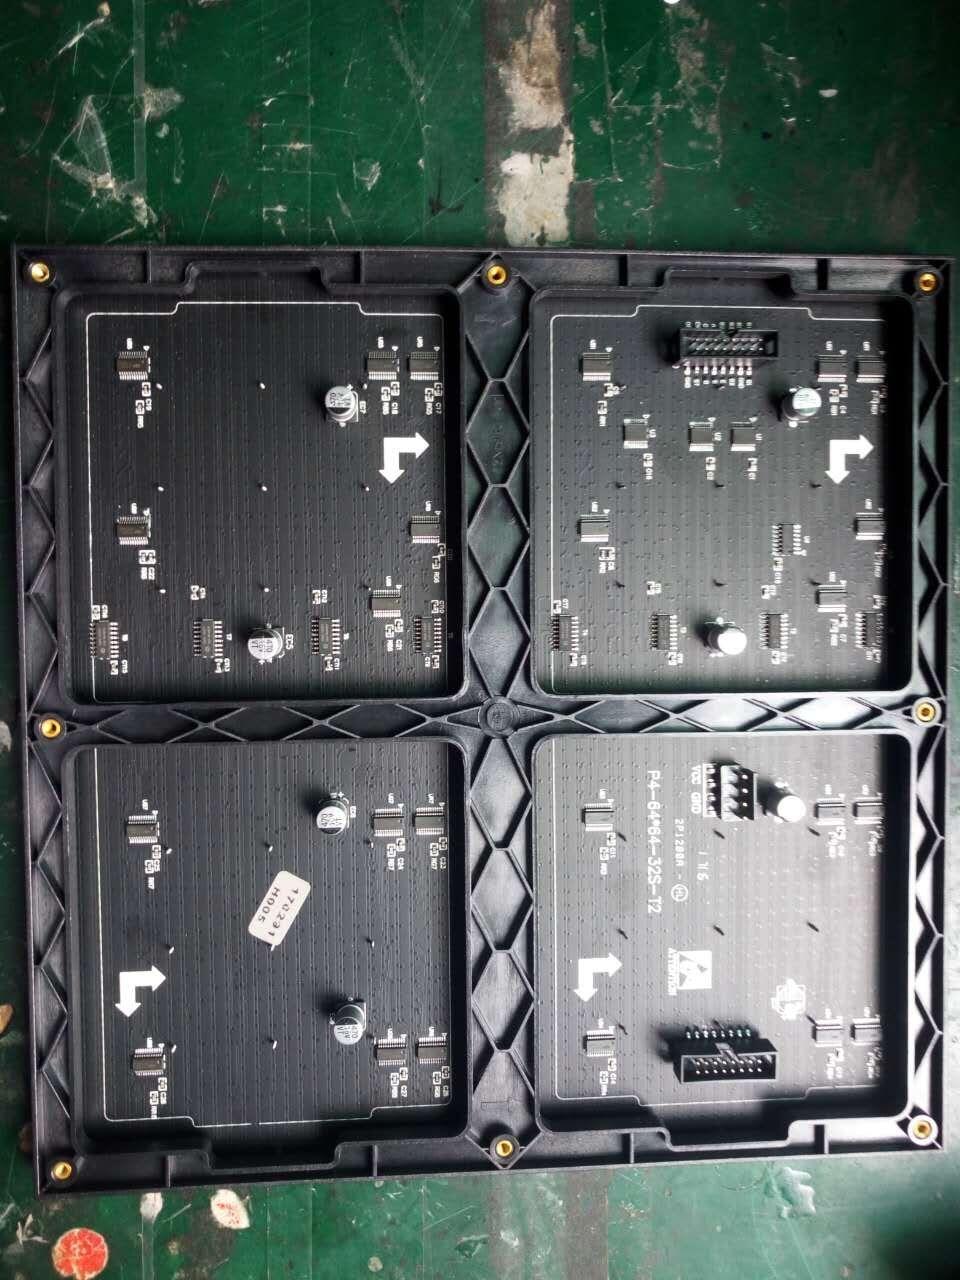 64x64 Indoor RGB Hd P4 Indoor Led Module Video Wall High Quality P2.5 P3 P4 P5 P6 P7.62 P8 P10 Rgb Module Full Color Led Display